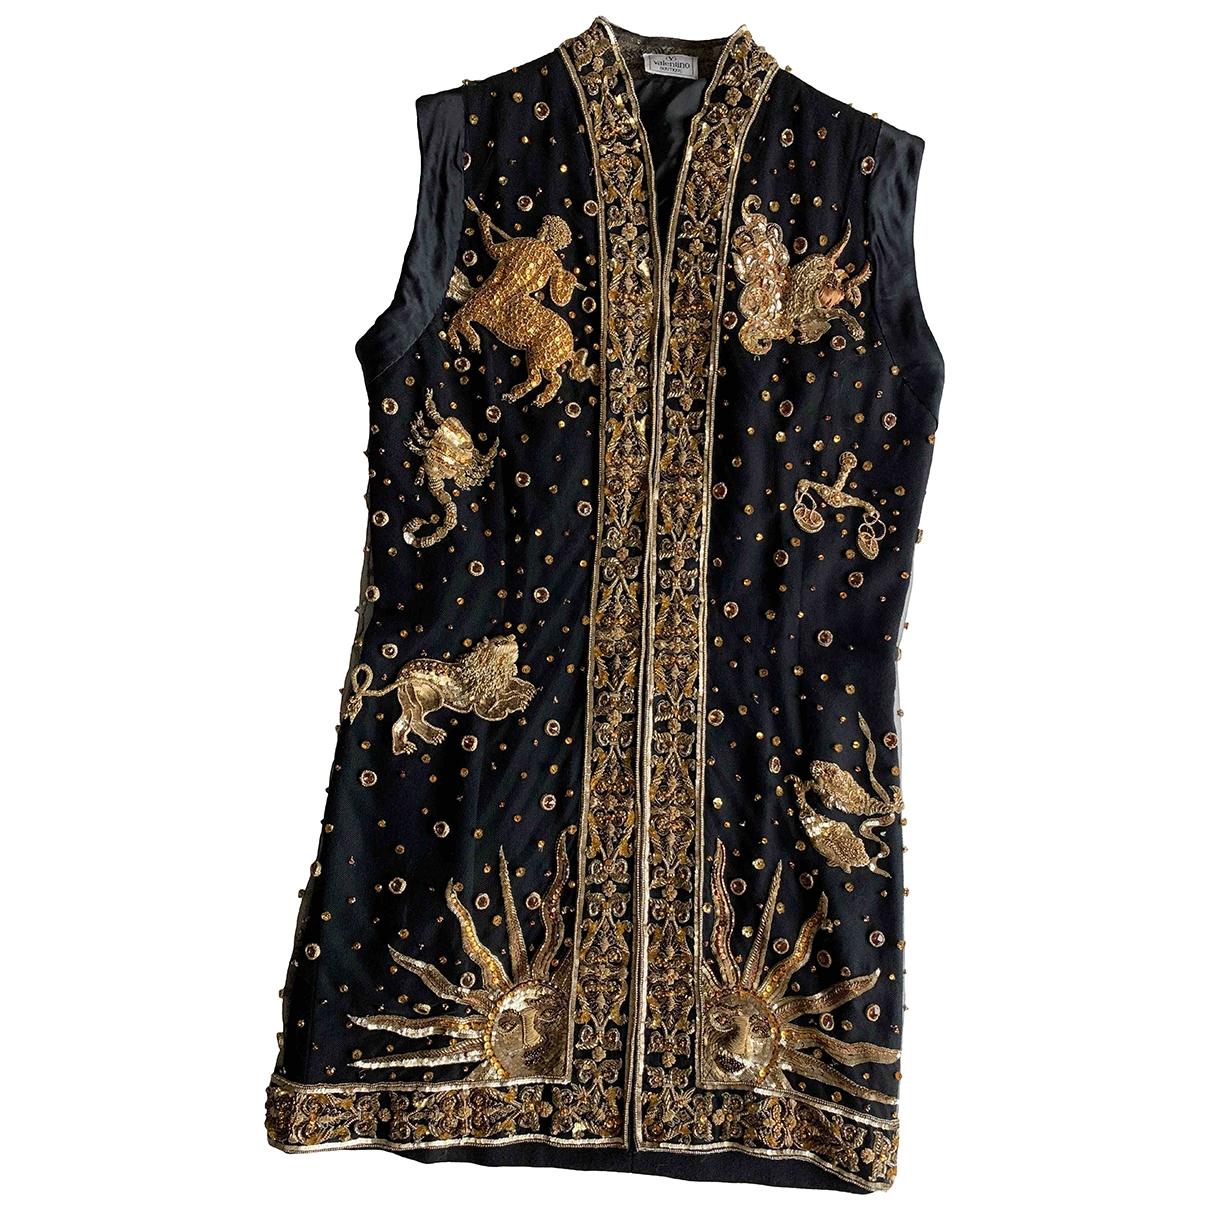 Valentino Garavani \N Black dress for Women 36 FR